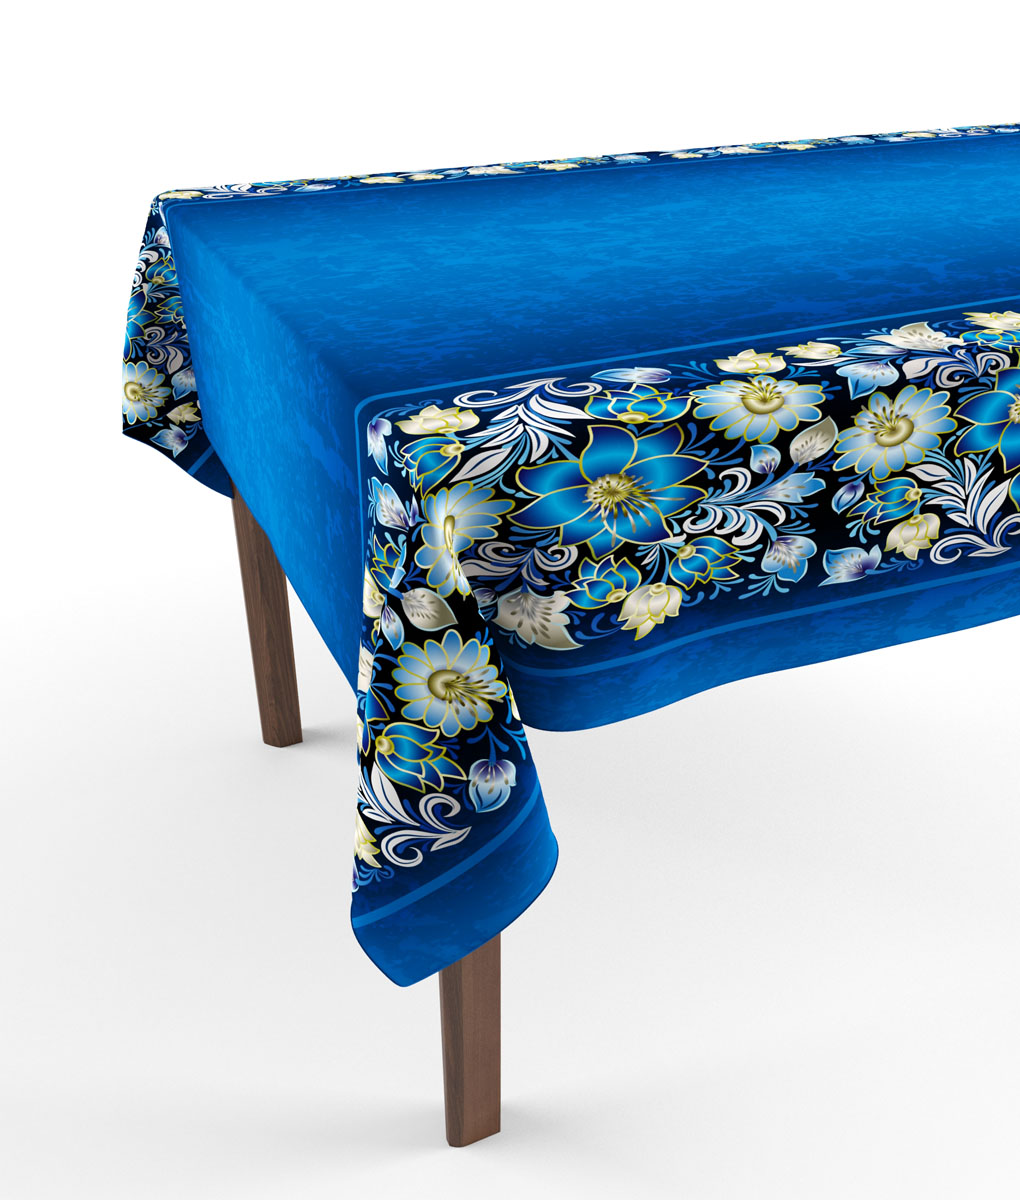 Скатерть Сирень Синие цветы, прямоугольная, 145 x 120 см1010816735Прямоугольная скатерть Сирень Синие цветы с ярким и объемным рисунком, выполненная из габардина, преобразит вашу кухню, визуально расширит пространство, создаст атмосферу радости и комфорта. Рекомендации по уходу: стирка при 30 градусах, гладить при температуре до 110 градусов.Размер скатерти: 145 х 120 см. Изображение может немного отличаться от реального.